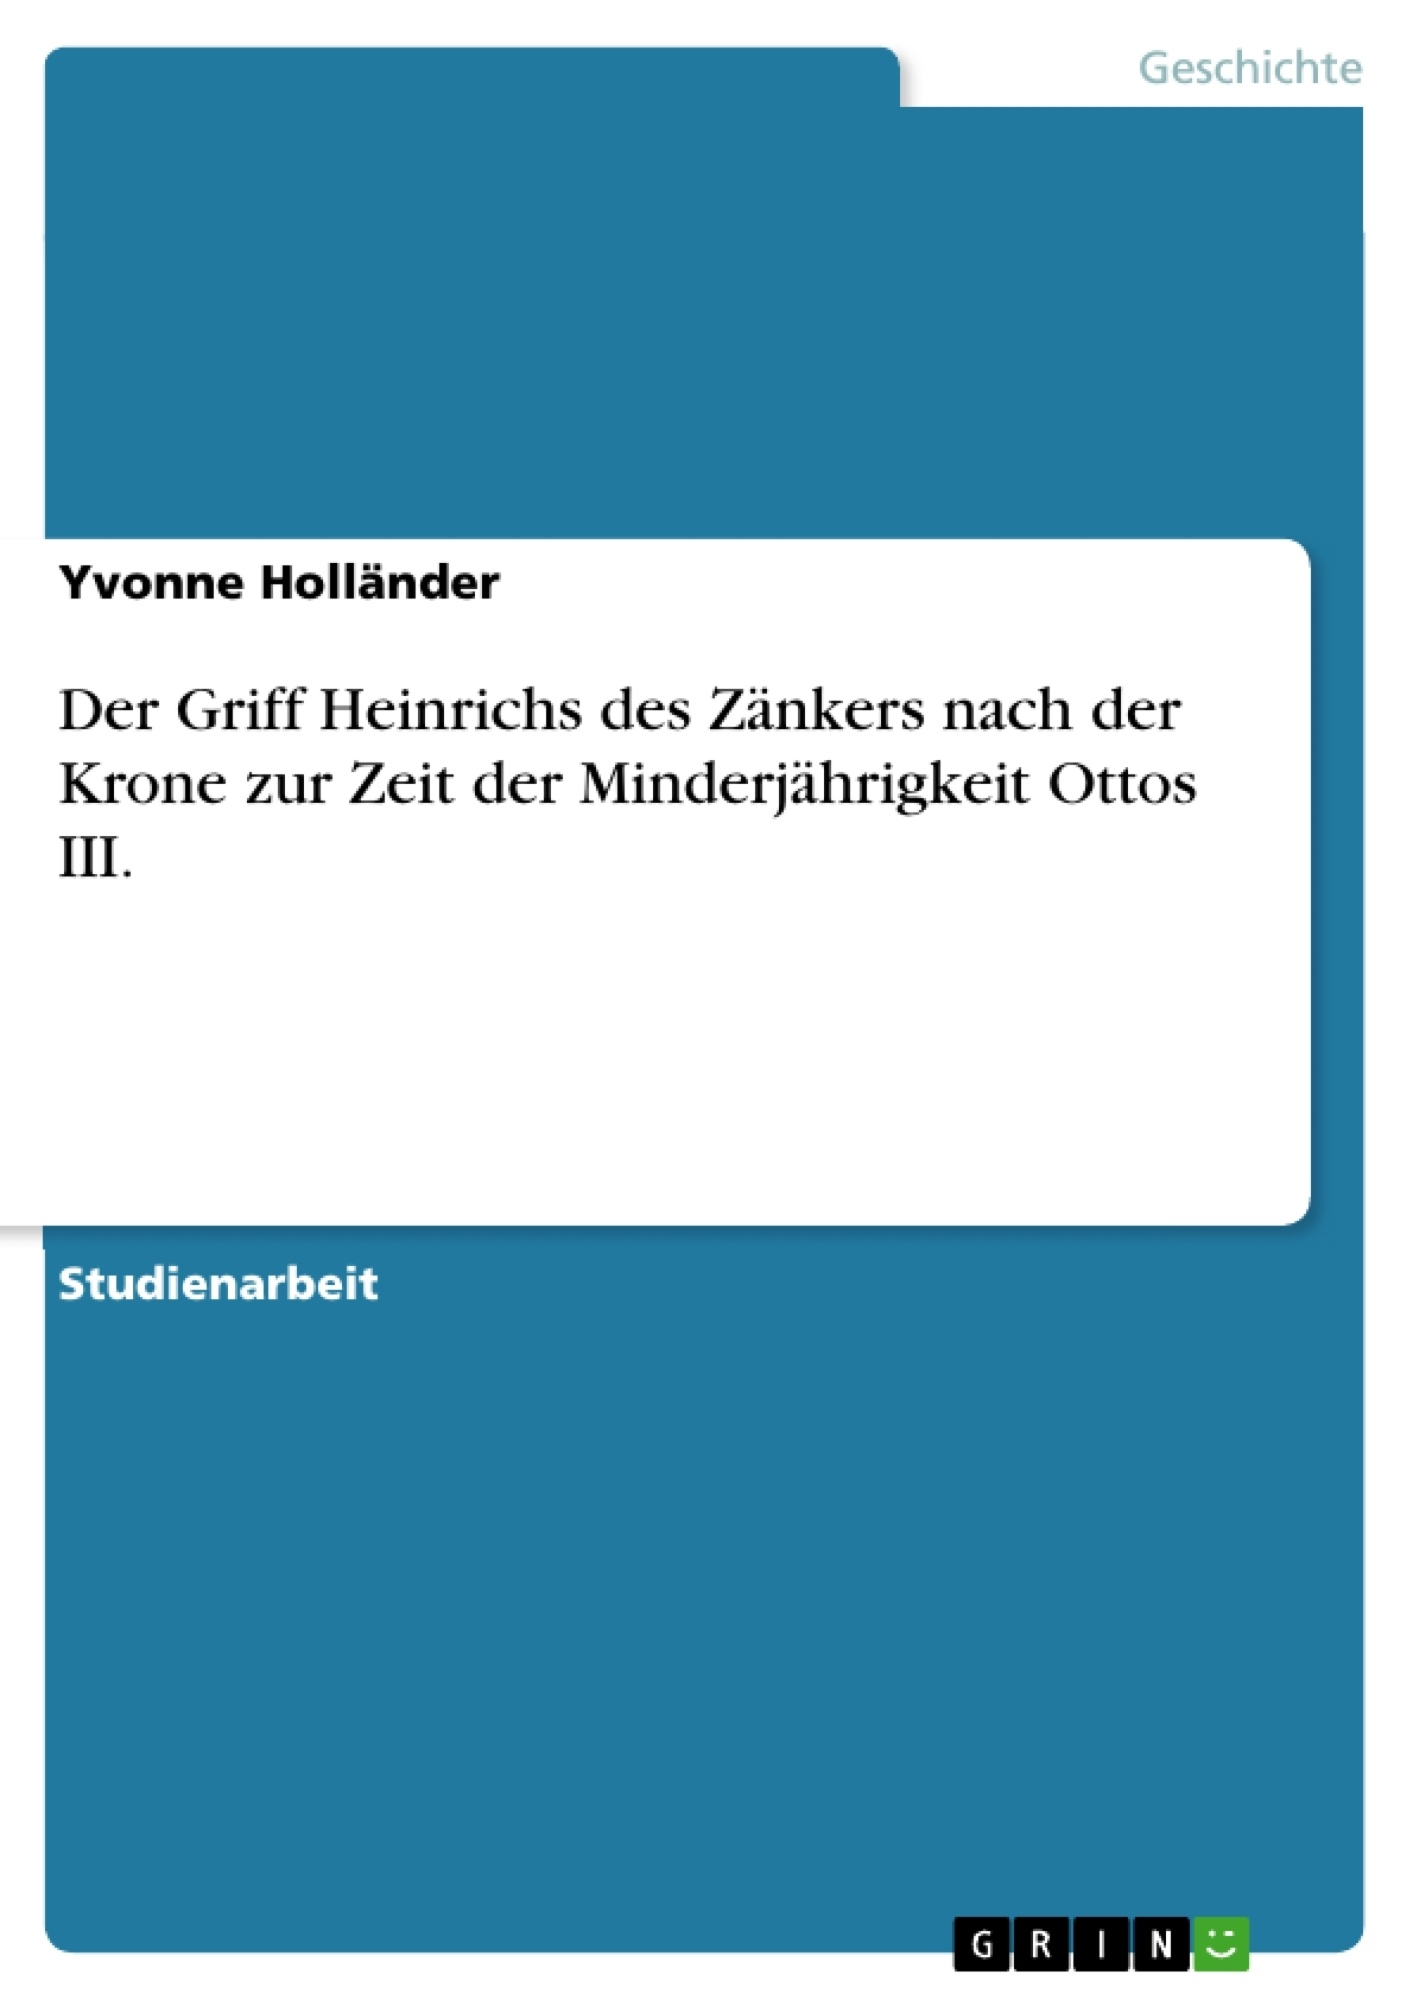 Titel: Der Griff Heinrichs des Zänkers nach der Krone zur Zeit der Minderjährigkeit Ottos III.